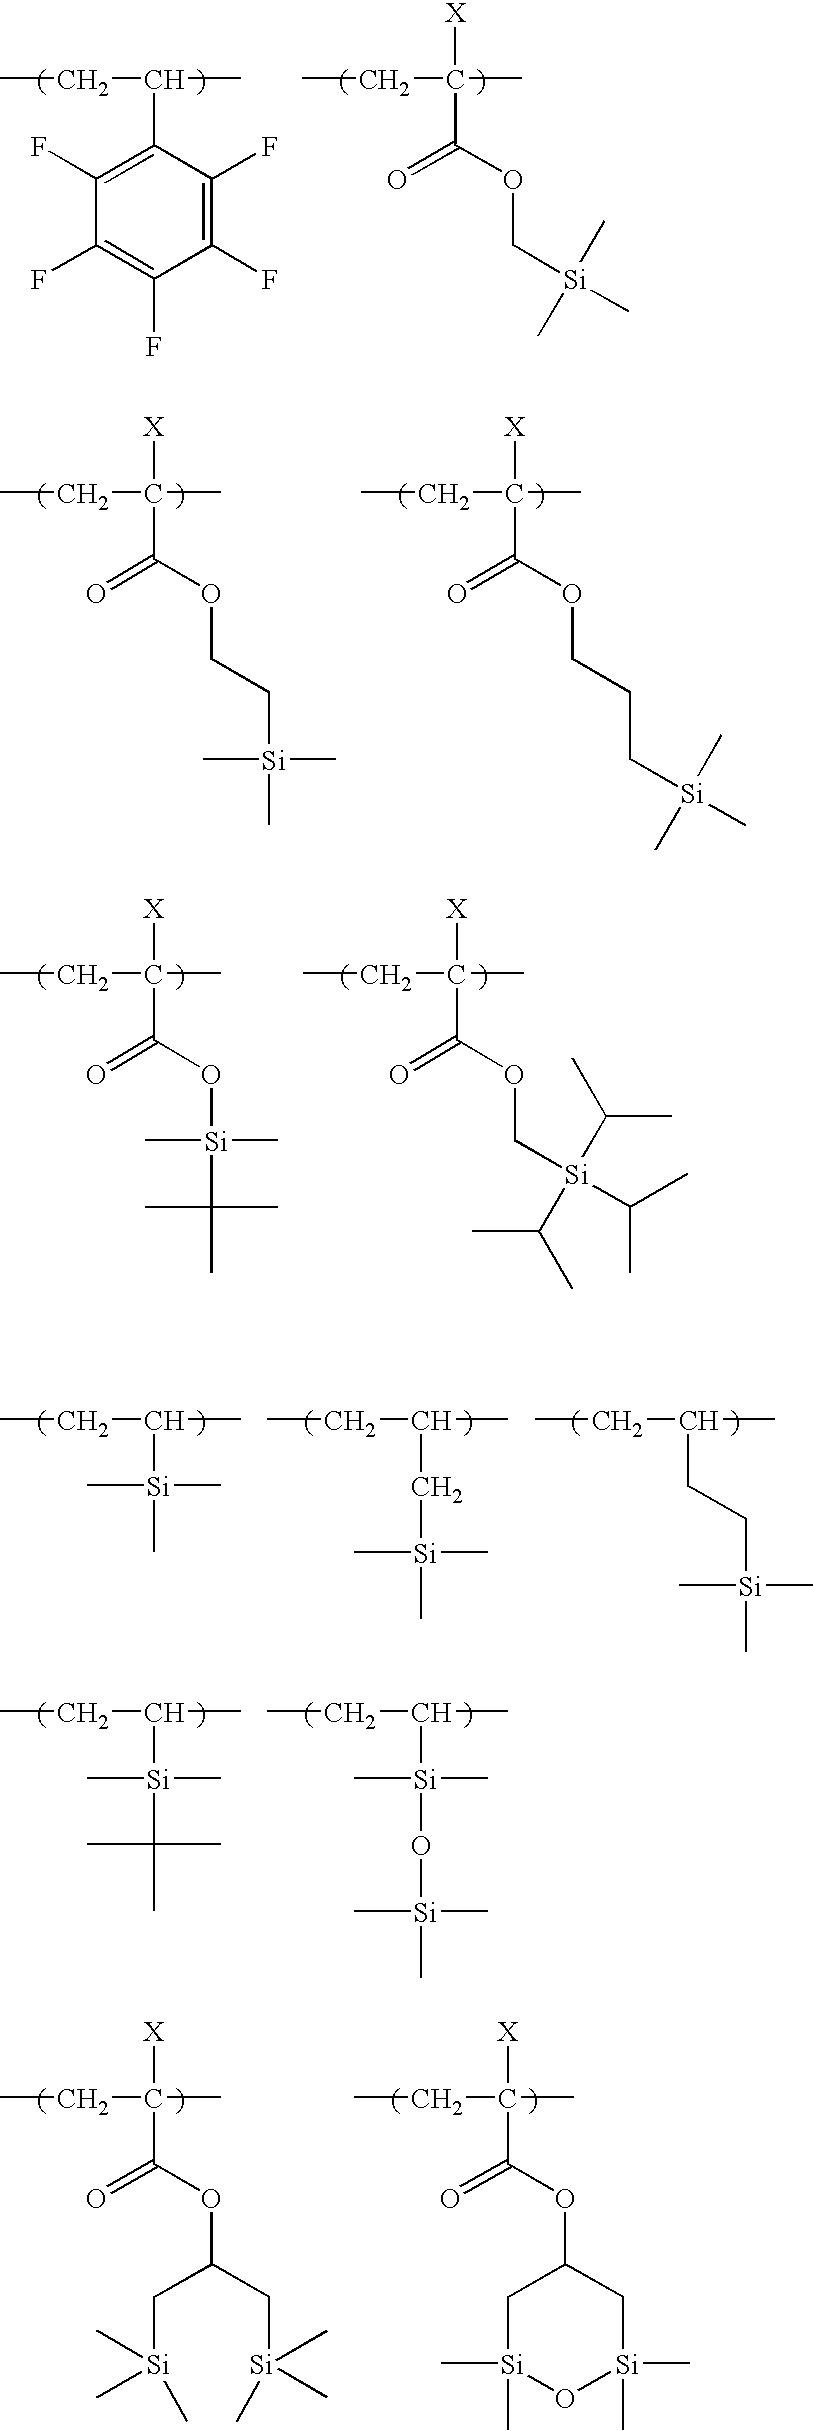 Figure US07998655-20110816-C00059